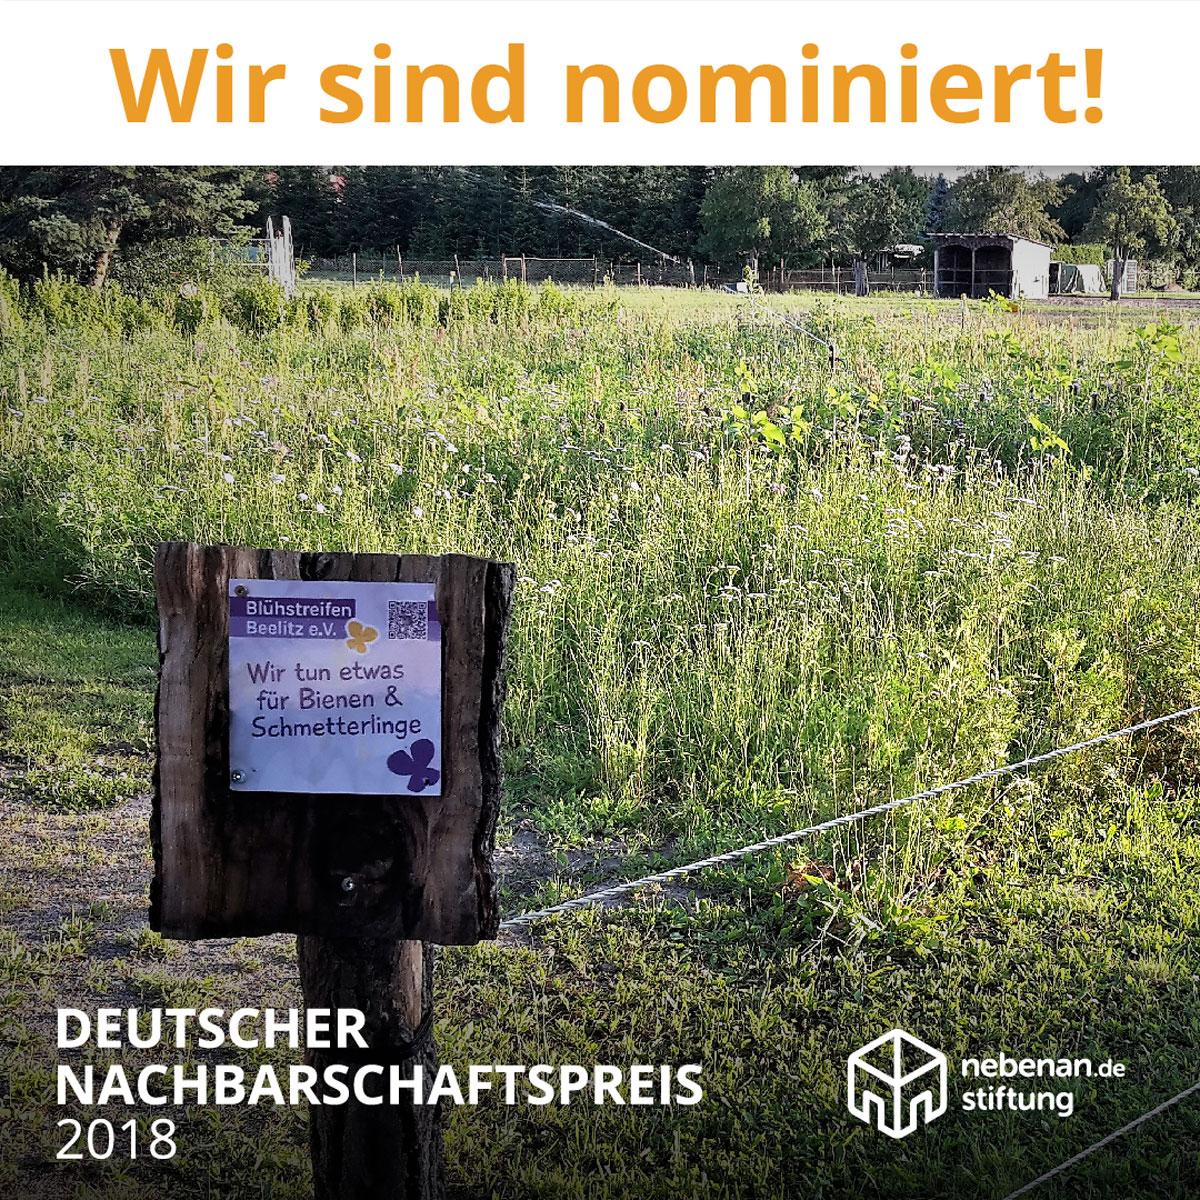 Wir sind nominiert Gemeinsam Artenvielfalt erhalten